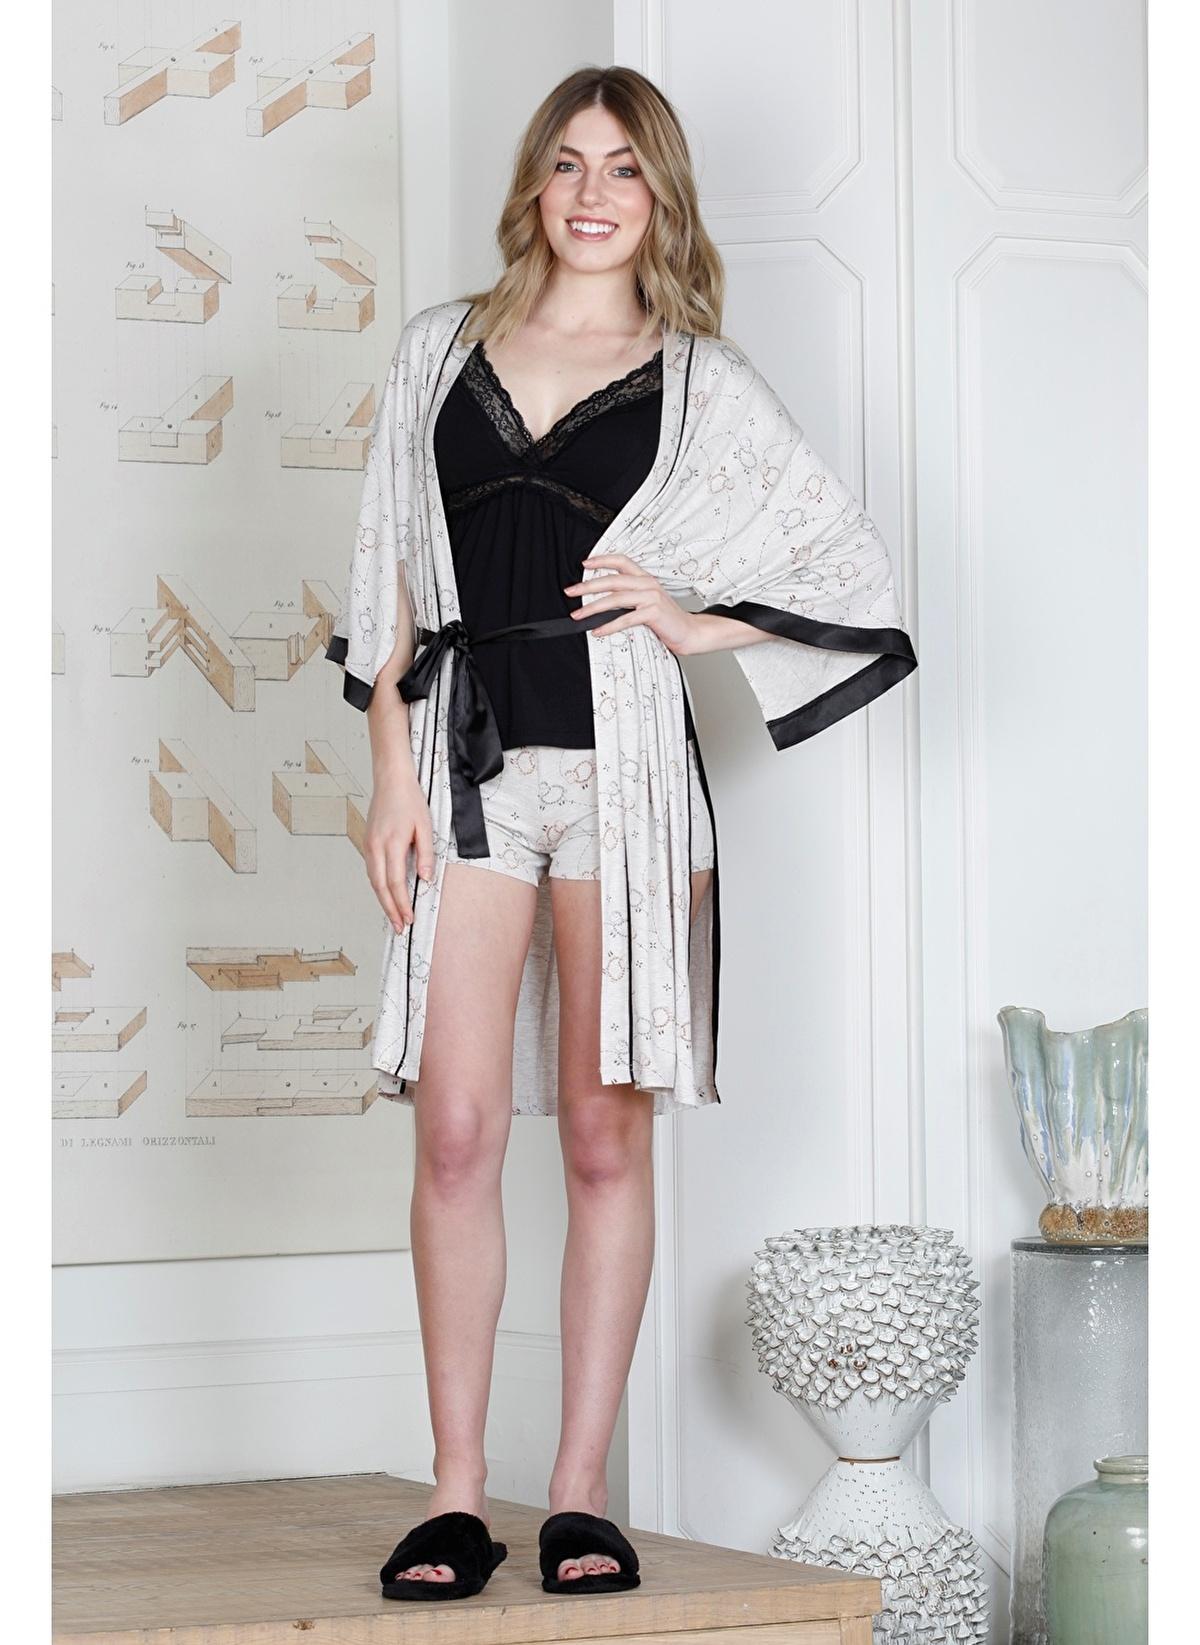 Hays Kadın Kuzu Desenli Sabahlıklı Şortlu Pijama Takımı 19004-b313 Rebel Kadın Kuzu Desenli Saba – 199.99 TL